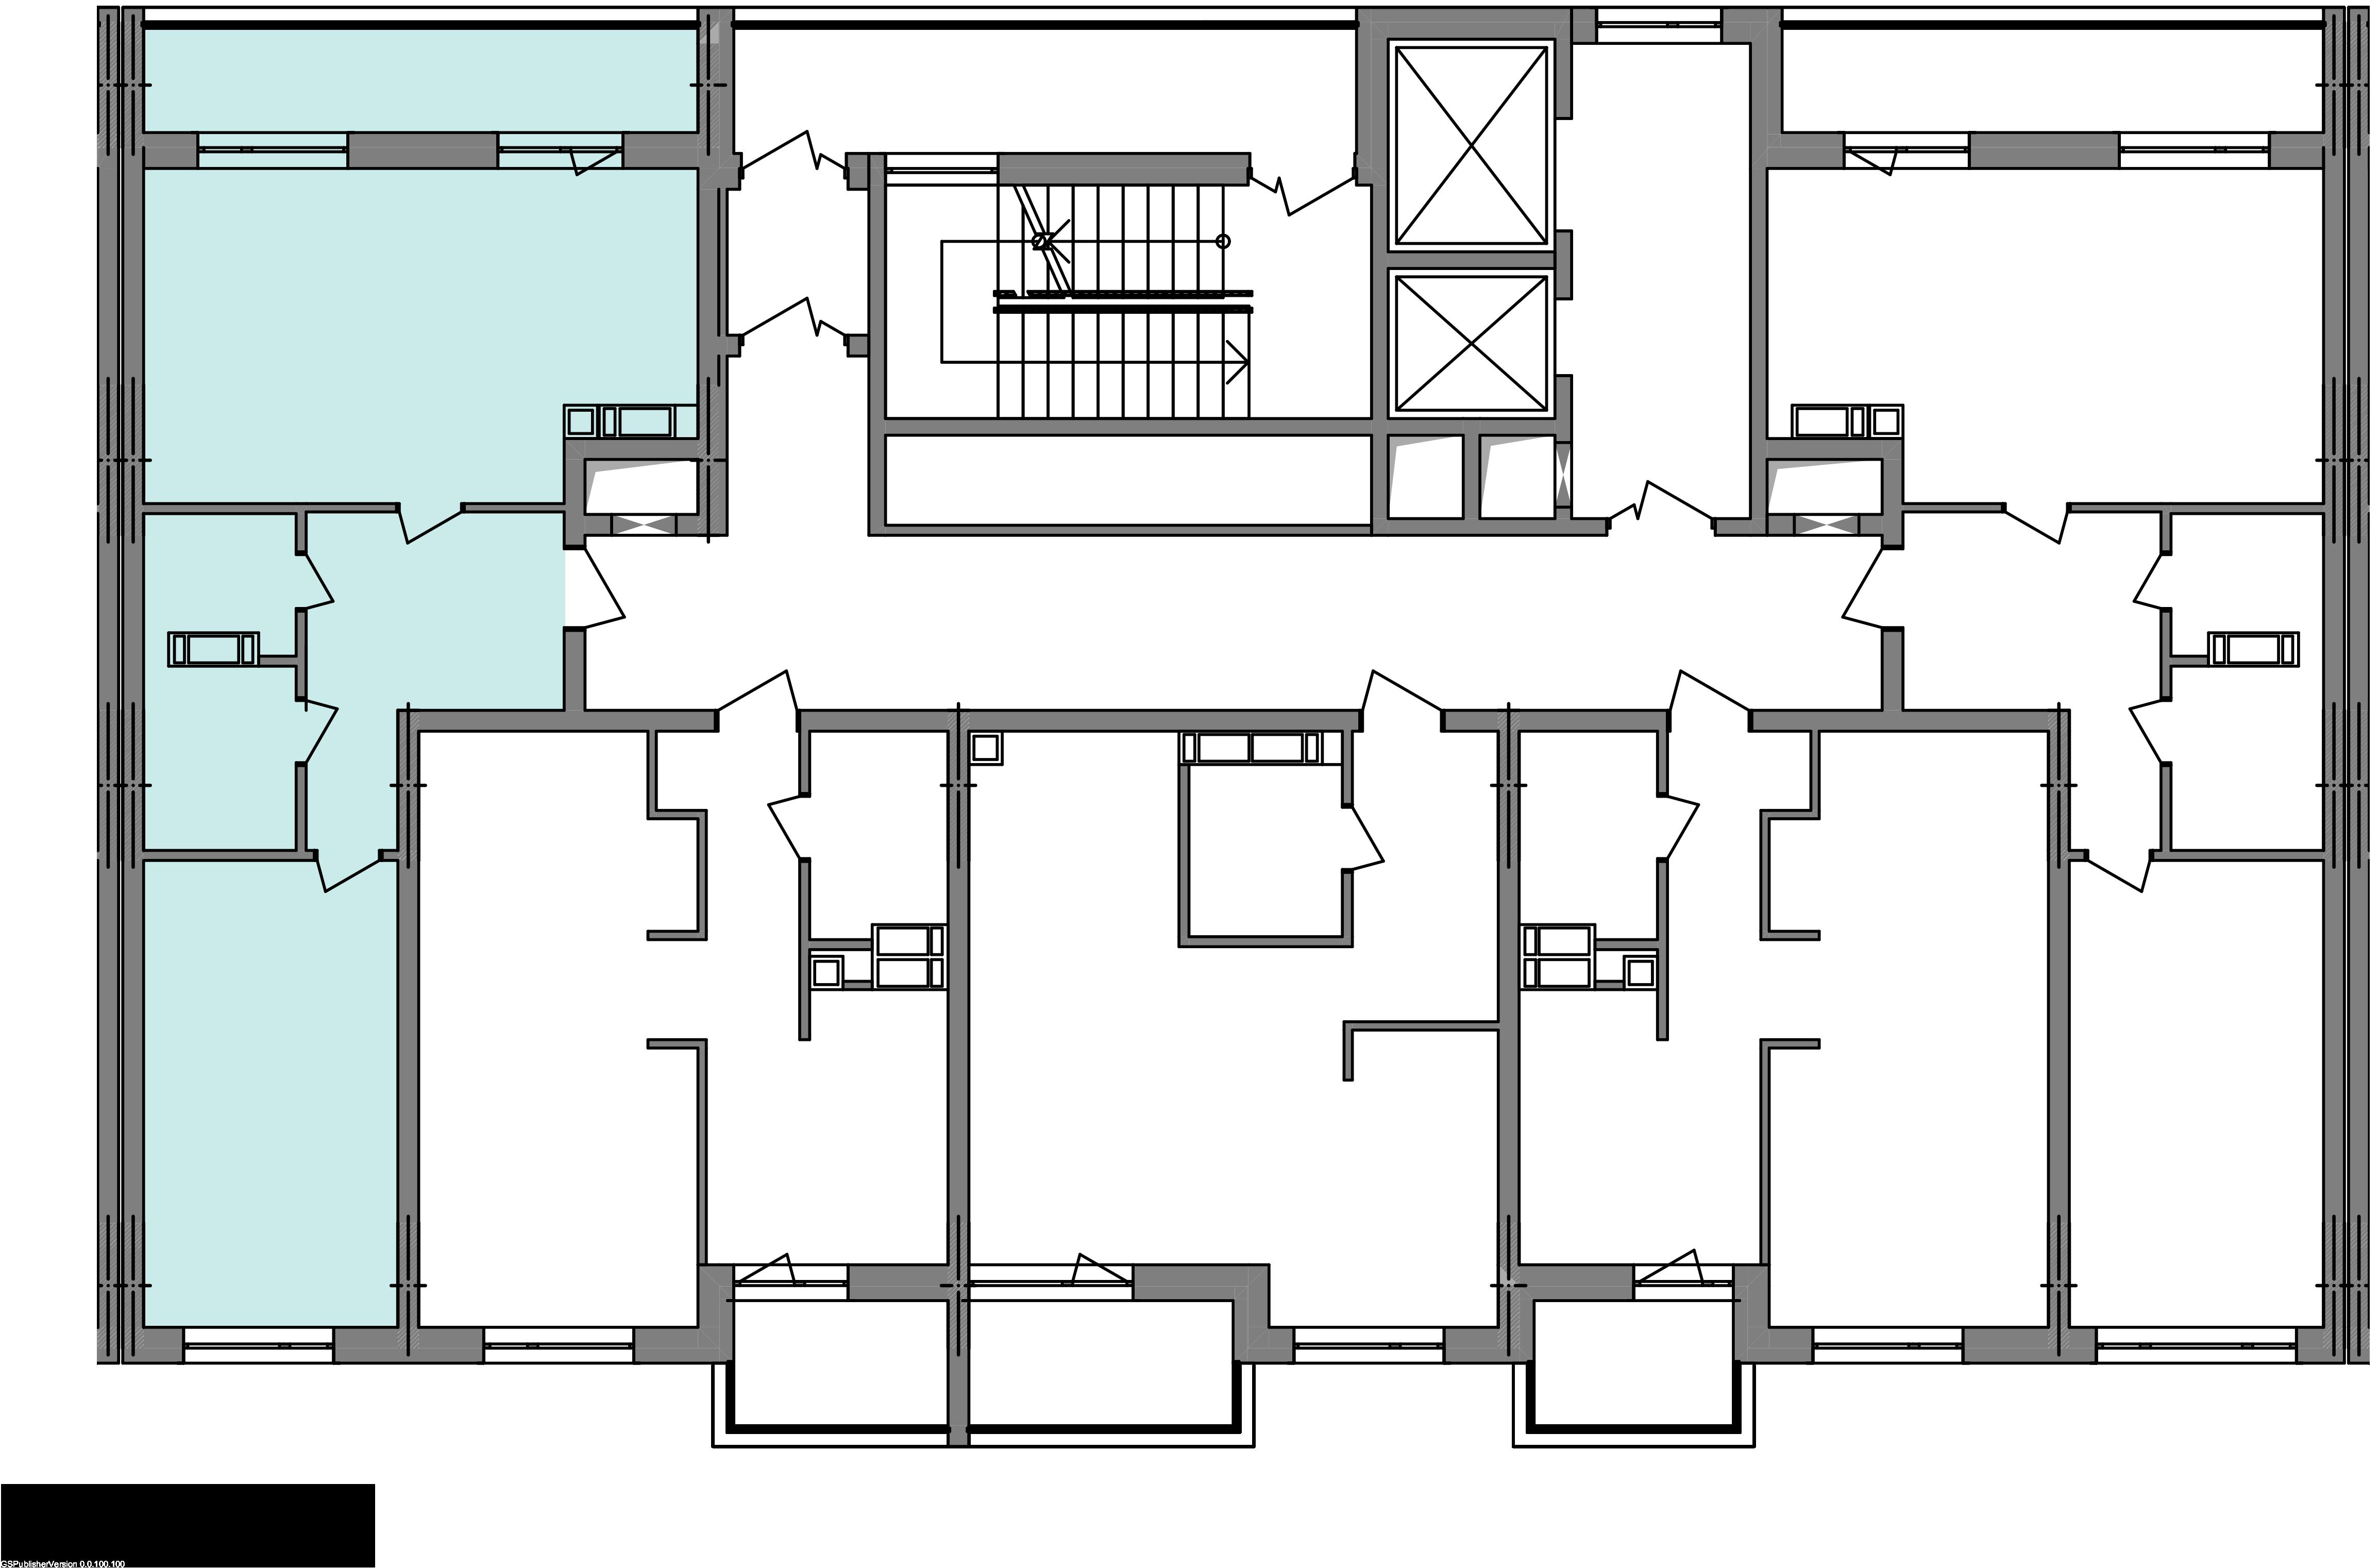 Двокімнатна квартира 60,72 кв.м., тип 2.2, будинок 2, секція 5 розташування на поверсі